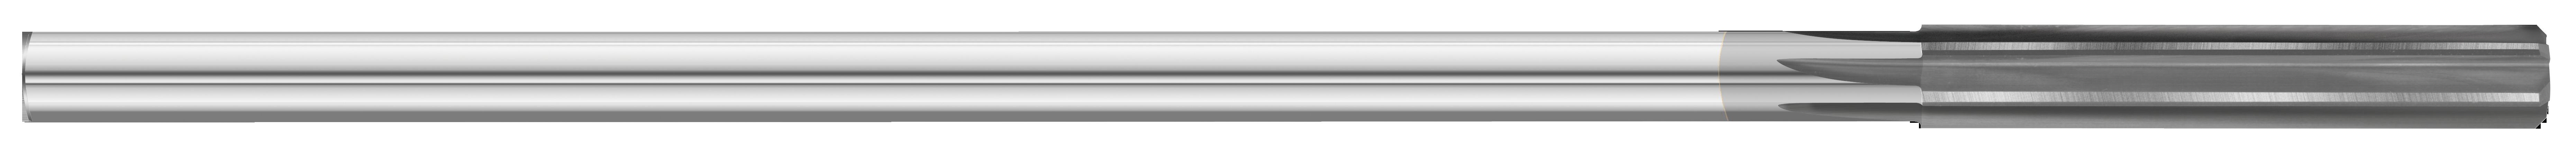 1400-SD-SE-ST-Reamer